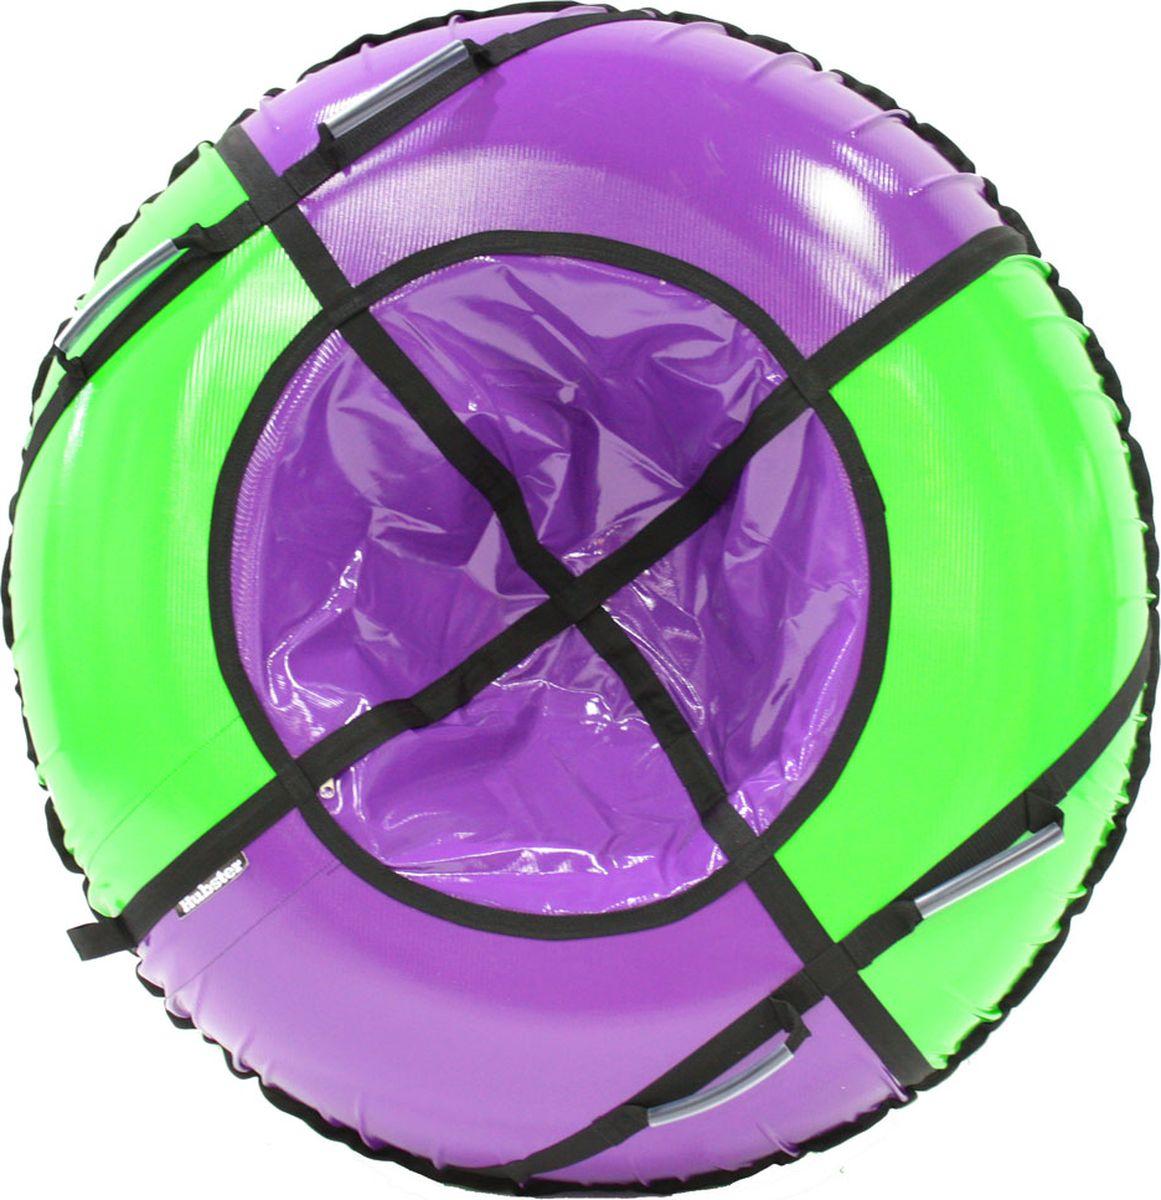 Тюбинг Hubster Sport Plus, цвет: фиолетовый, зеленый, диаметр 90 смво4189-3Любимая детская зимняя забава - это кататься с горки. А катание на тюбинге надолго запомнится вам и вашим близким. Свежий воздух, веселая компания, веселые развлечения - эти моменты вы будете вспоминать еще долгое время. Материал верха - ПВХ армированный, плотность 650 г/м .Материал дна - ПВХ (усиленная скользкая ткань), плотность 650 г/м.Диаметр в сдутом виде - 90 см.Диаметр в надутом виде - 79 см.Ручки усиленные (нашиты на дополнительную стропу).Кол-во ручек - 90 см - 2 шт. Молния скрытая, на сиденье.Крепление троса - наружная петля.Длина троса - 1 метр.Нагрузка - 90 см - до 80 кг.Комплект поставки - ватрушка, трос, камера.Тюбинг не предназначен для буксировки механическими или транспортными средствами (подъемники, канатные дороги, лебедки, автомобиль, снегоход, квадроцикл и т.д.)